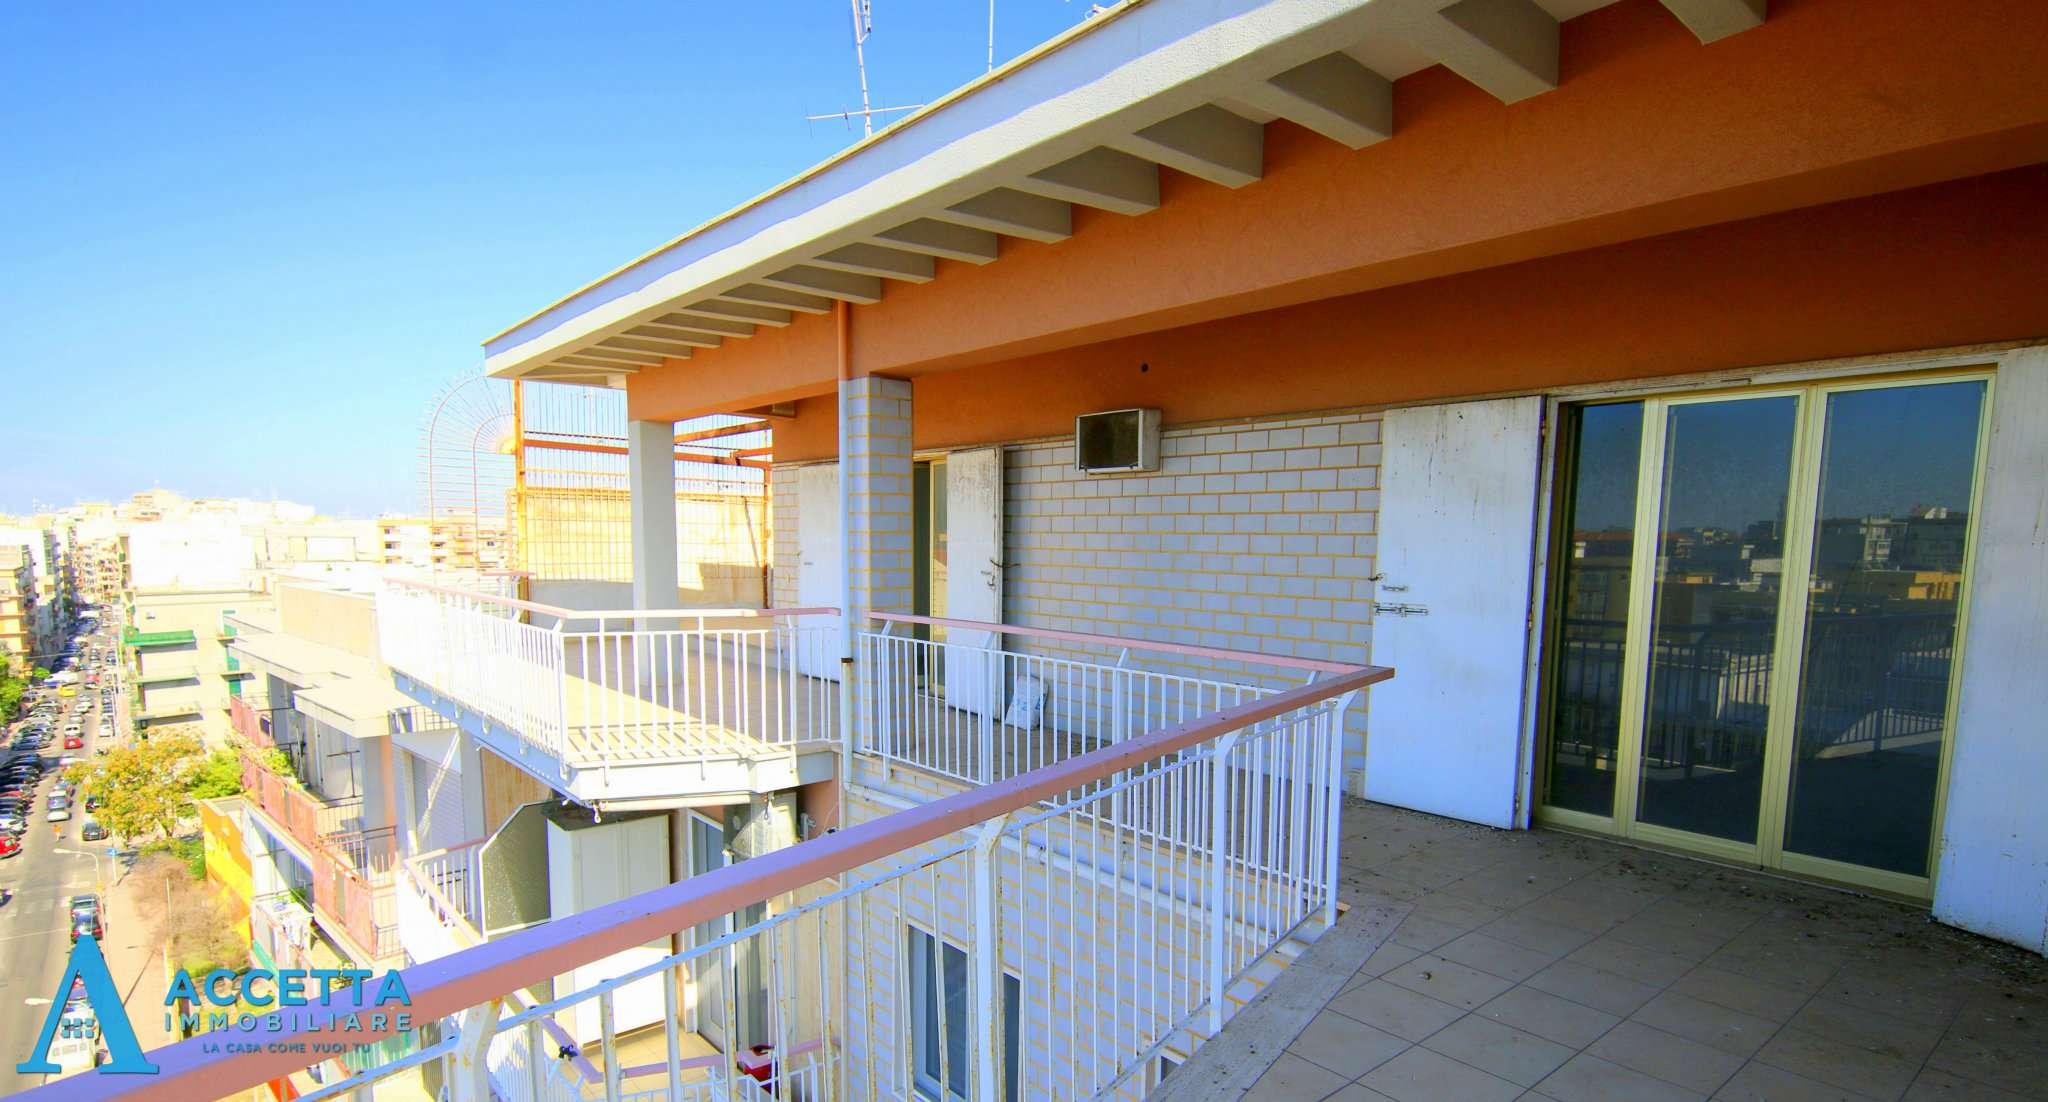 Appartamento in vendita a Taranto, 3 locali, prezzo € 145.000 | PortaleAgenzieImmobiliari.it